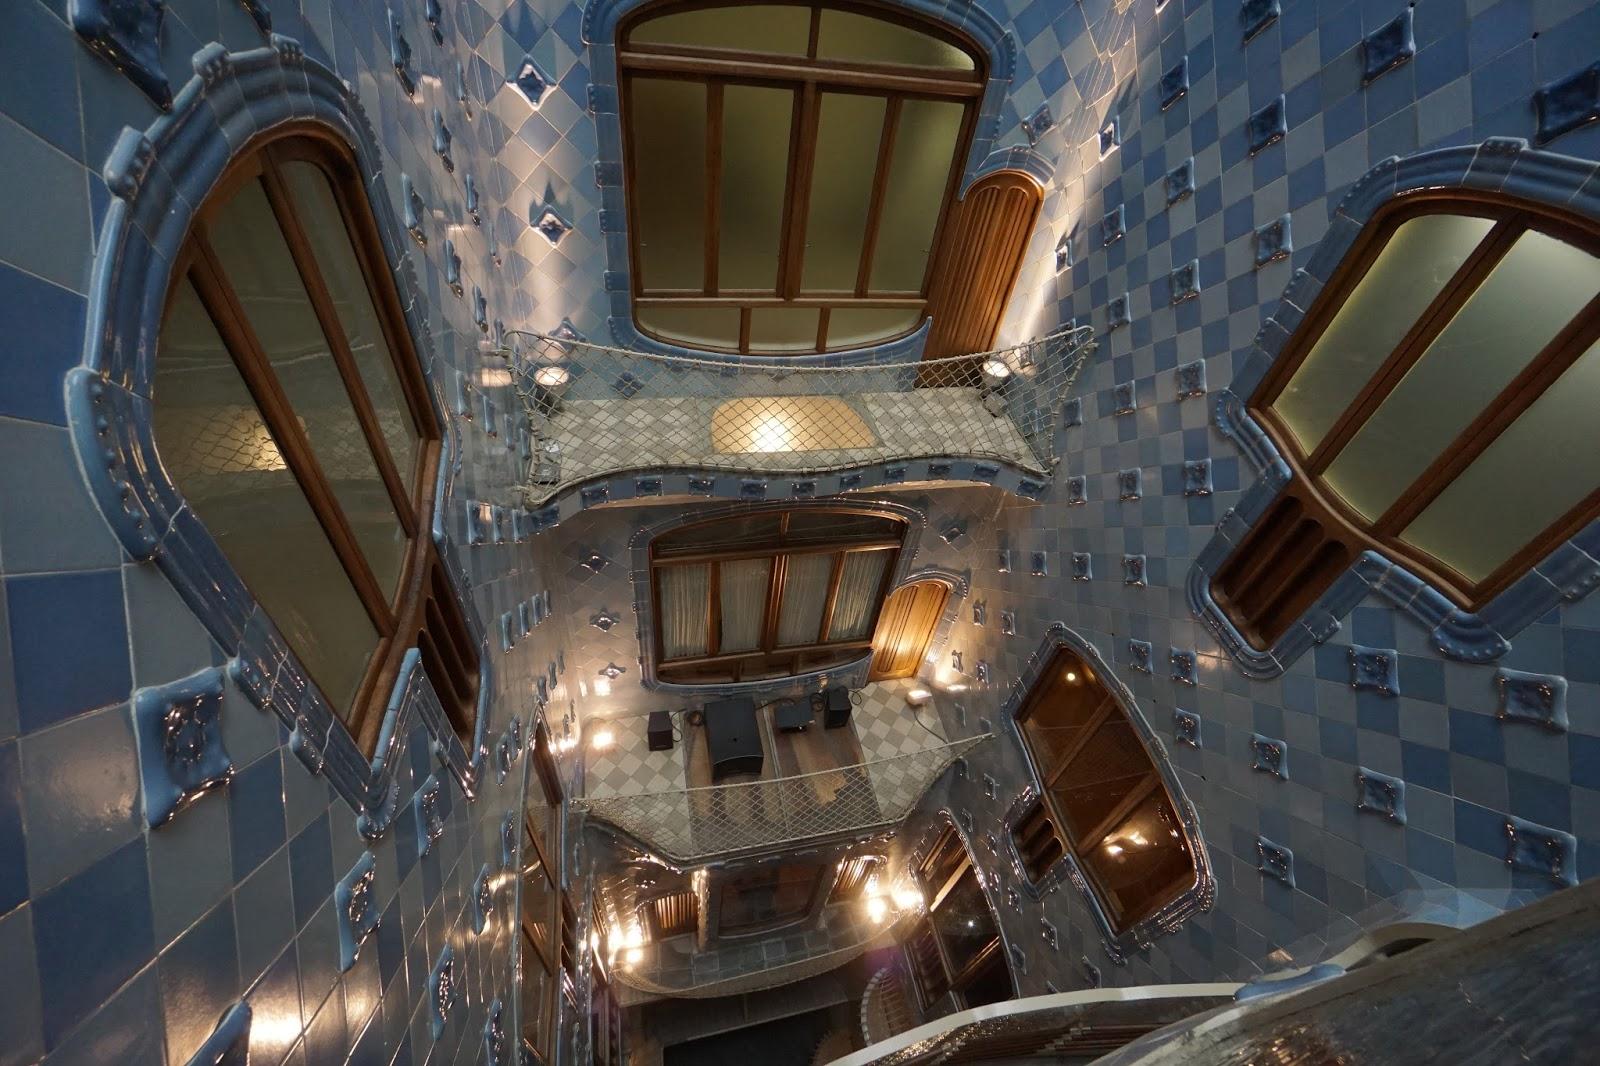 カサ・バトリョ(Casa Batlló) 吹き抜けを見下ろす